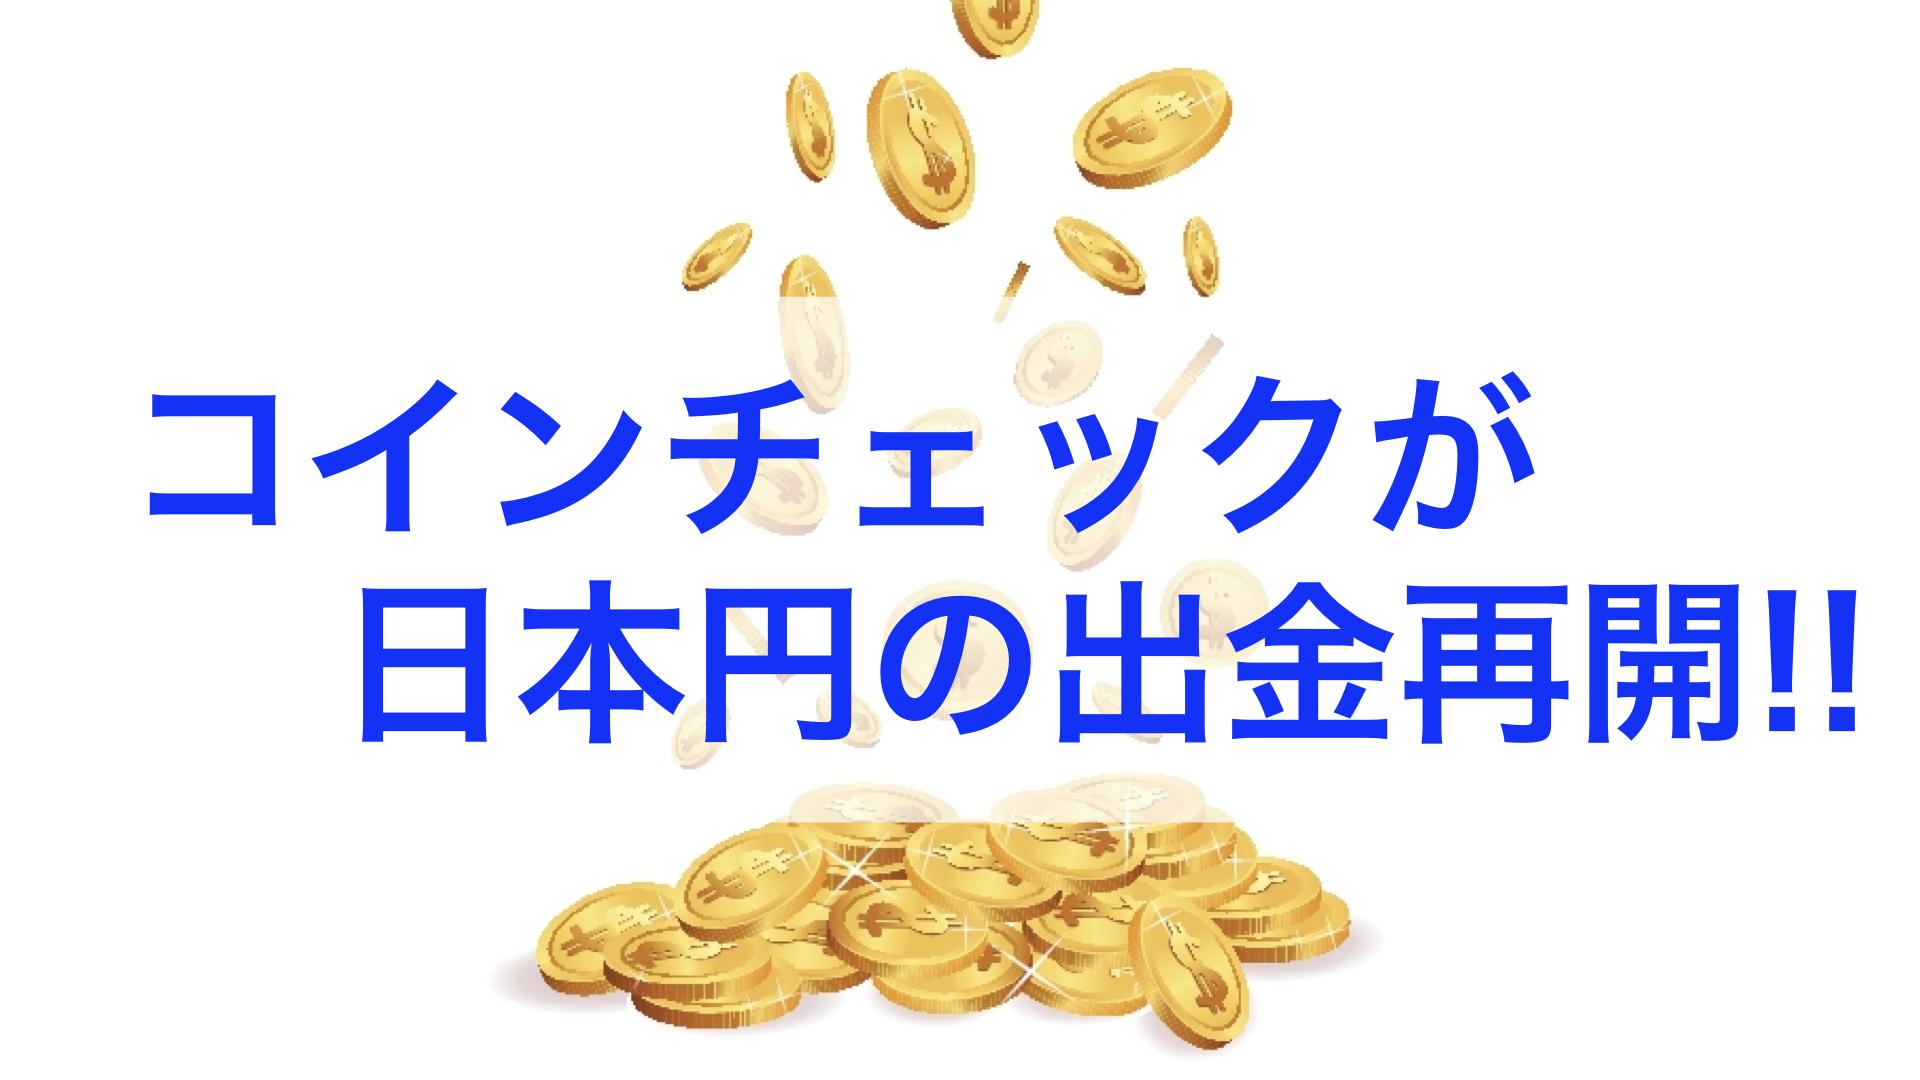 コインチェックが2月13日に日本円の出金を再開!!